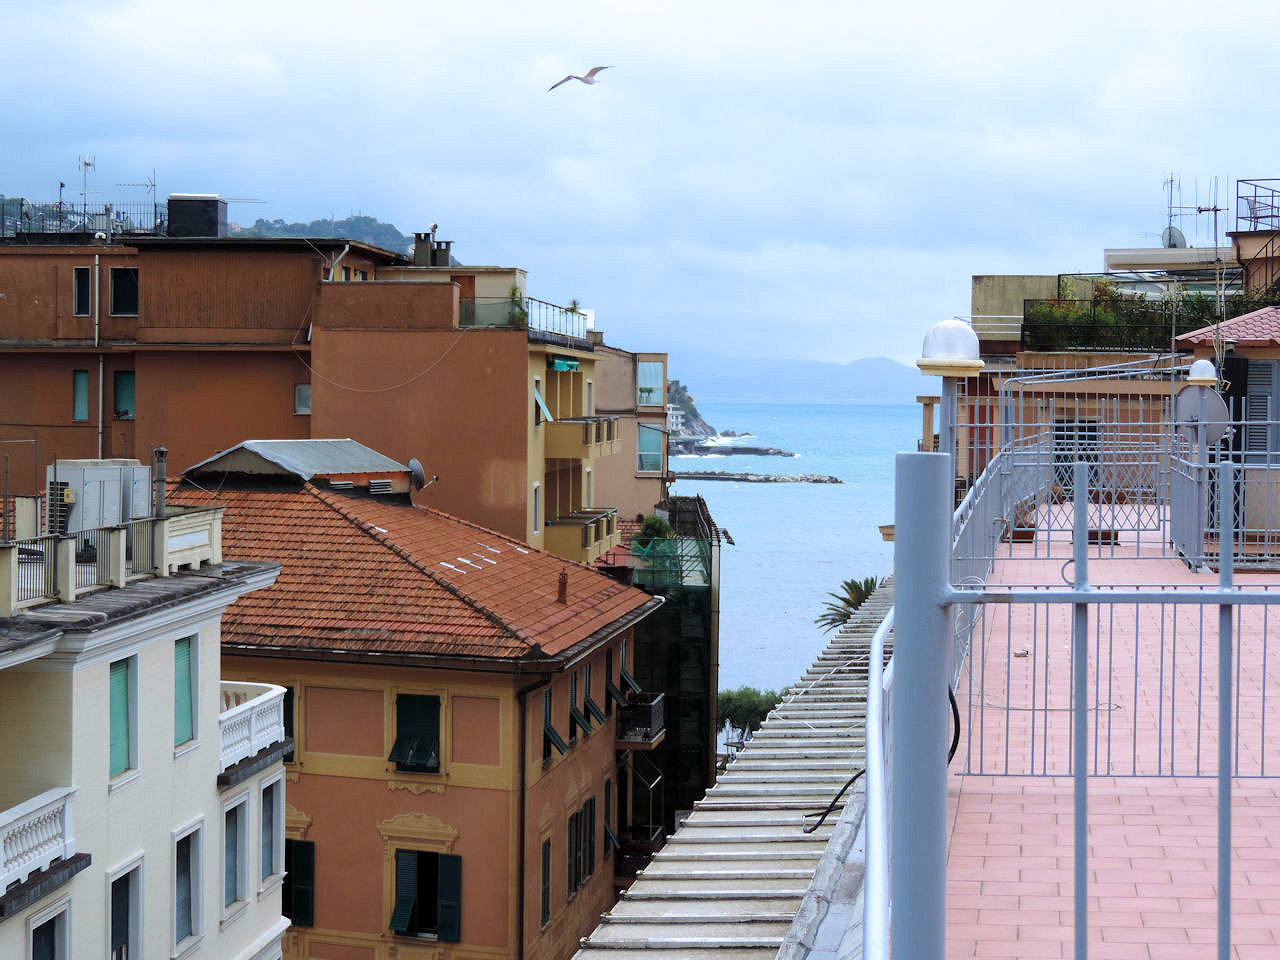 Attico / Mansarda in vendita a Rapallo, 5 locali, prezzo € 290.000 | PortaleAgenzieImmobiliari.it